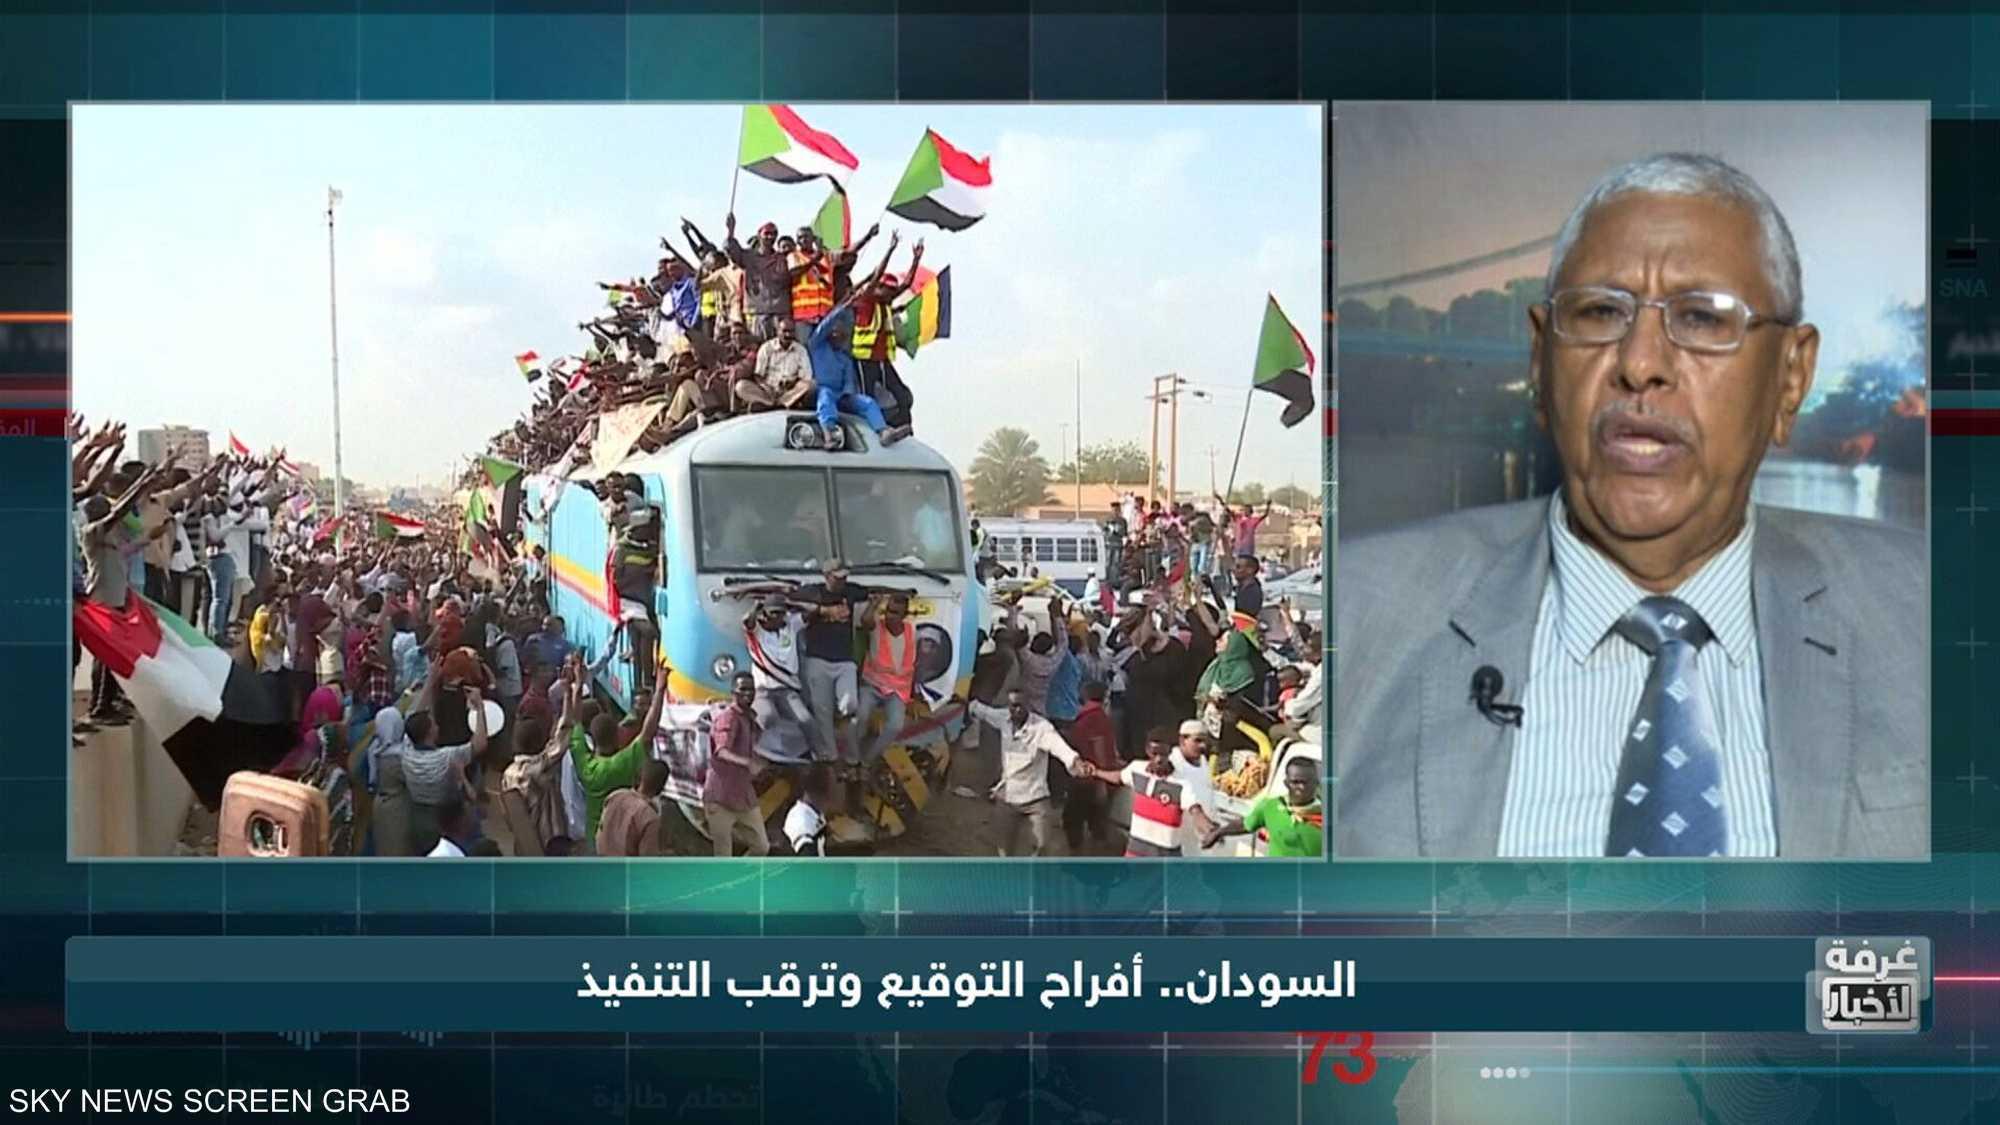 السودان.. أفراح التوقيع وترقب التنفيذ